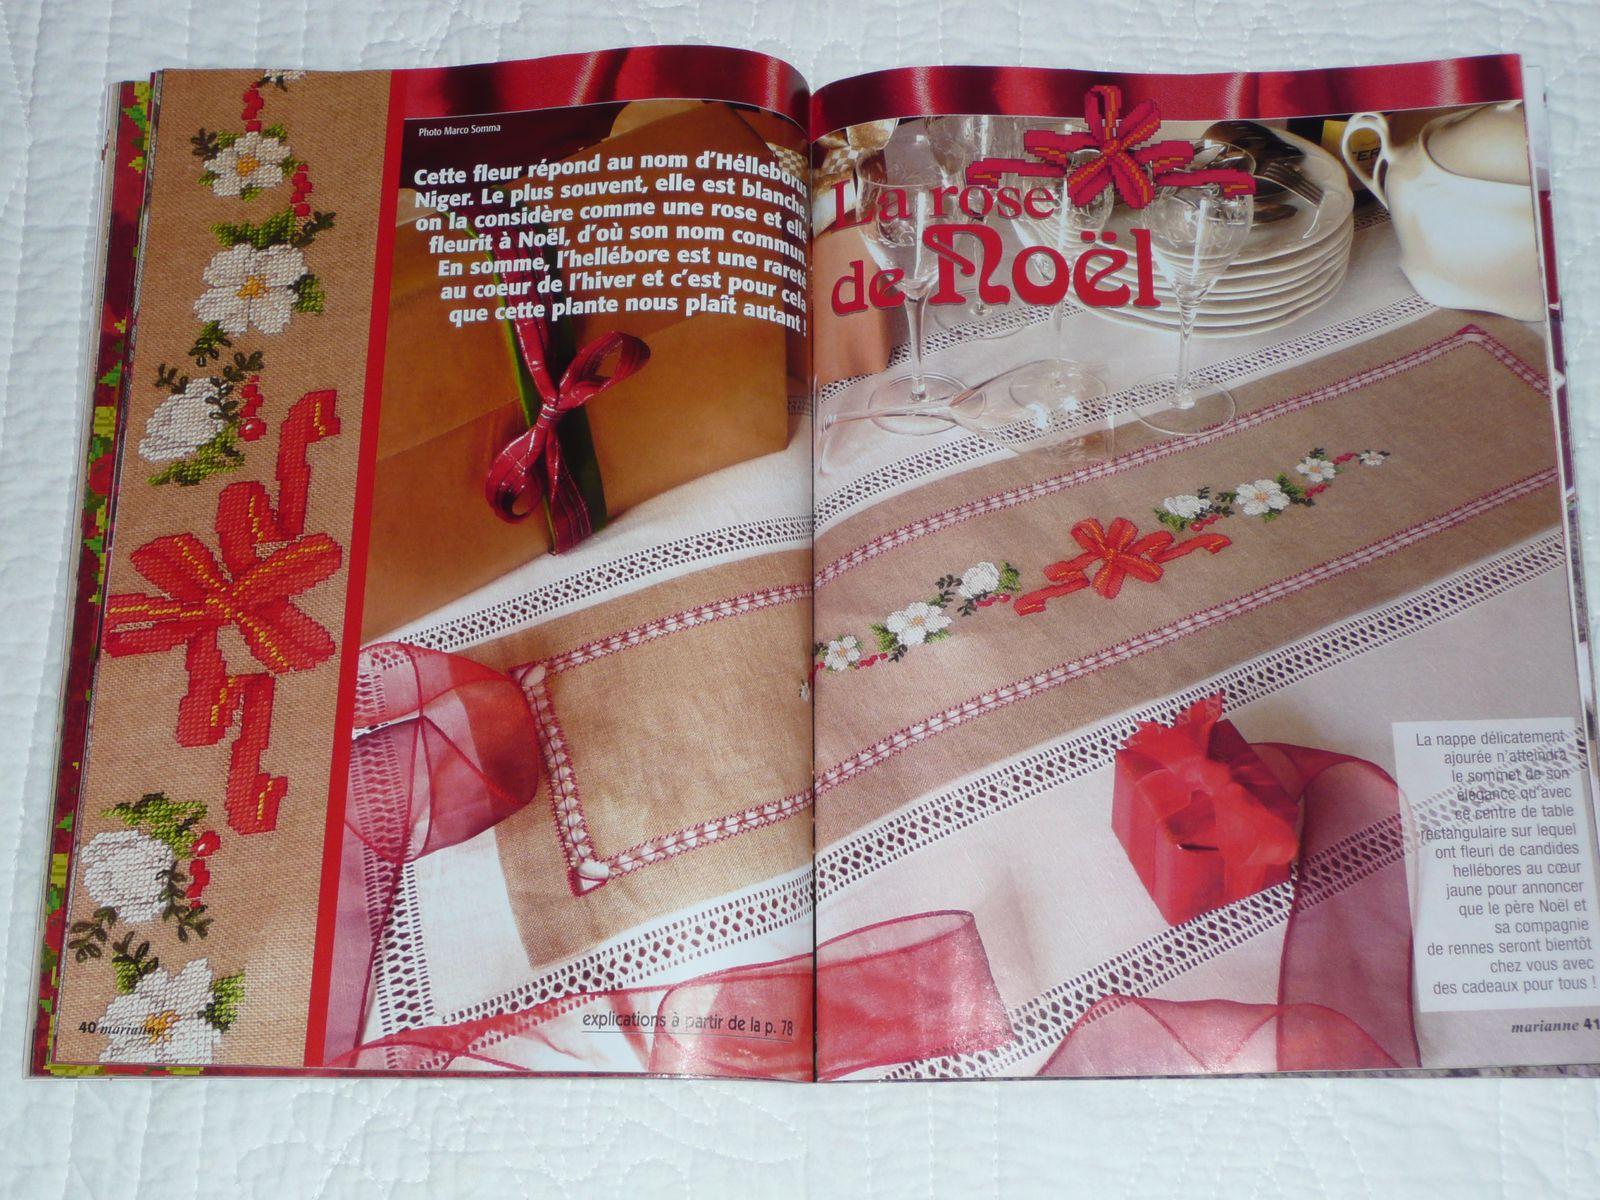 Les idées de Marianne - déc 12 - Rose de Noël